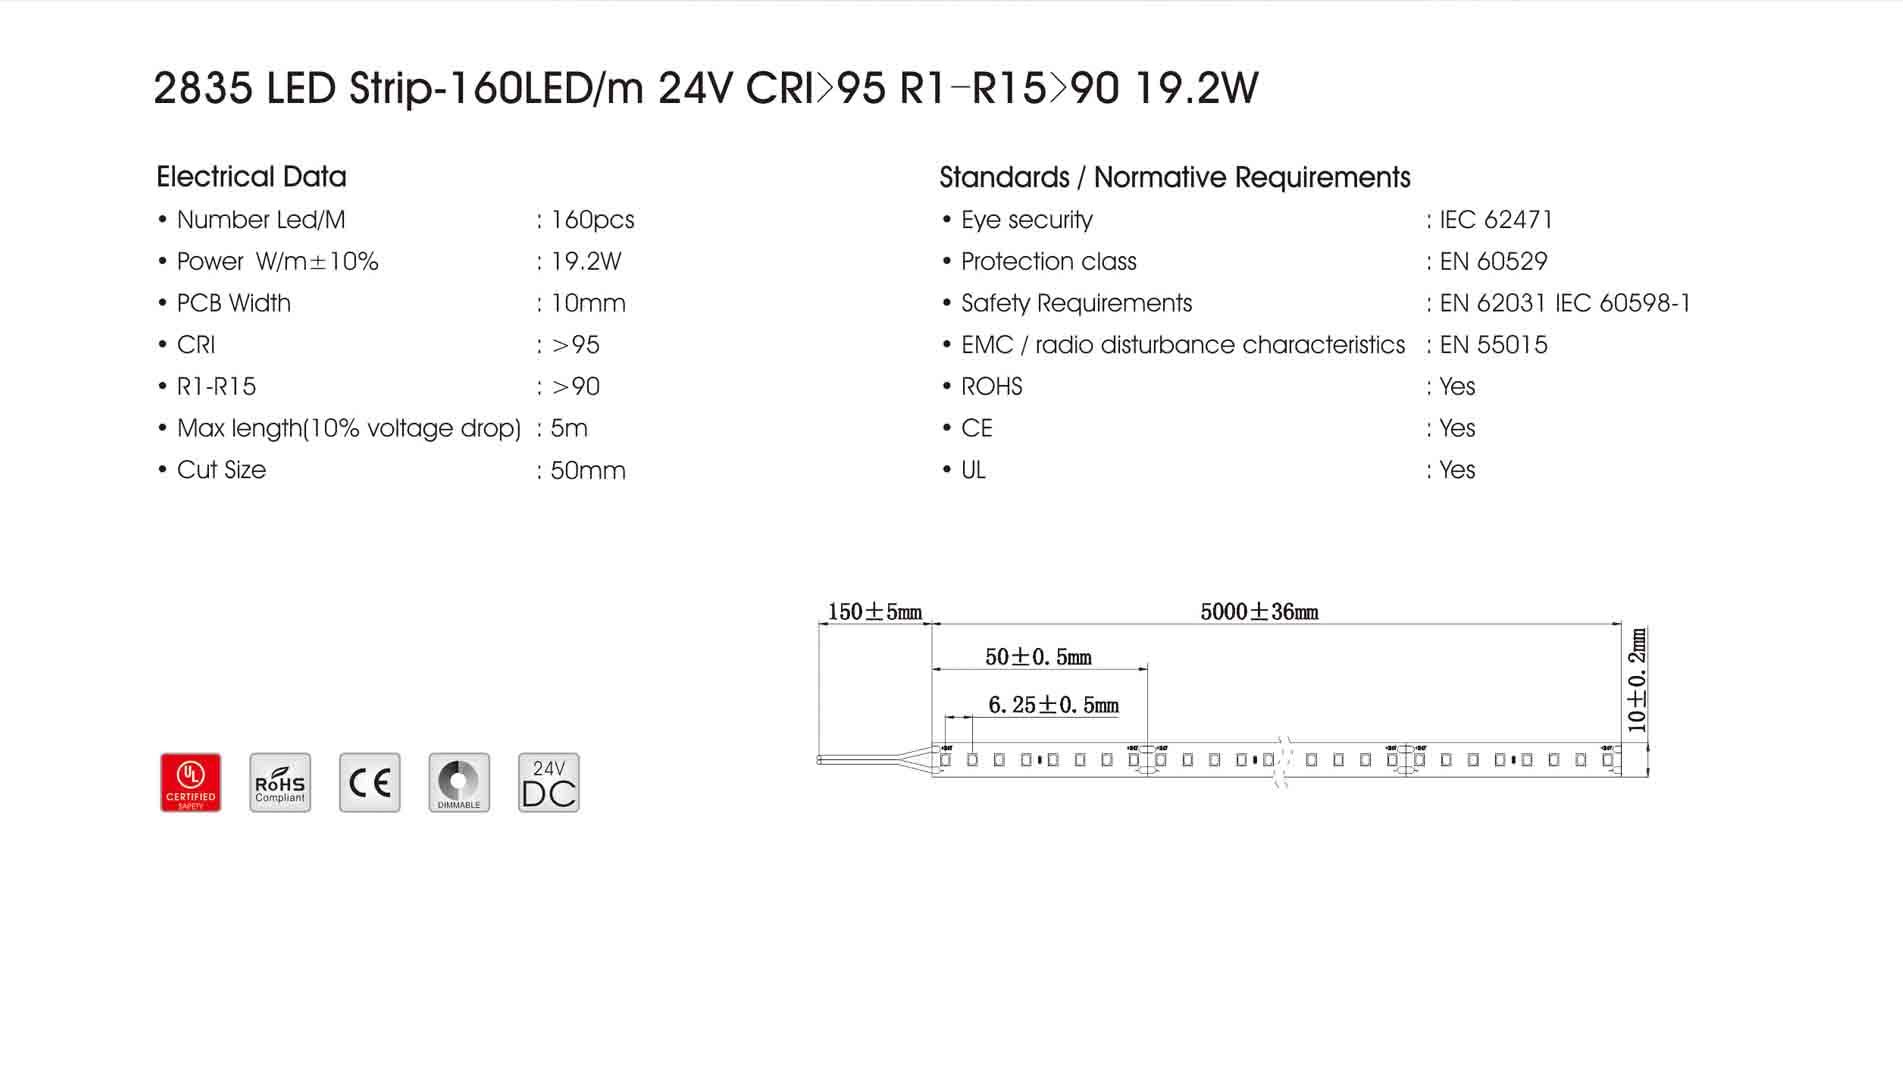 2835 160led/m 24v cri>95 r1-r15>90 19.2w led strip